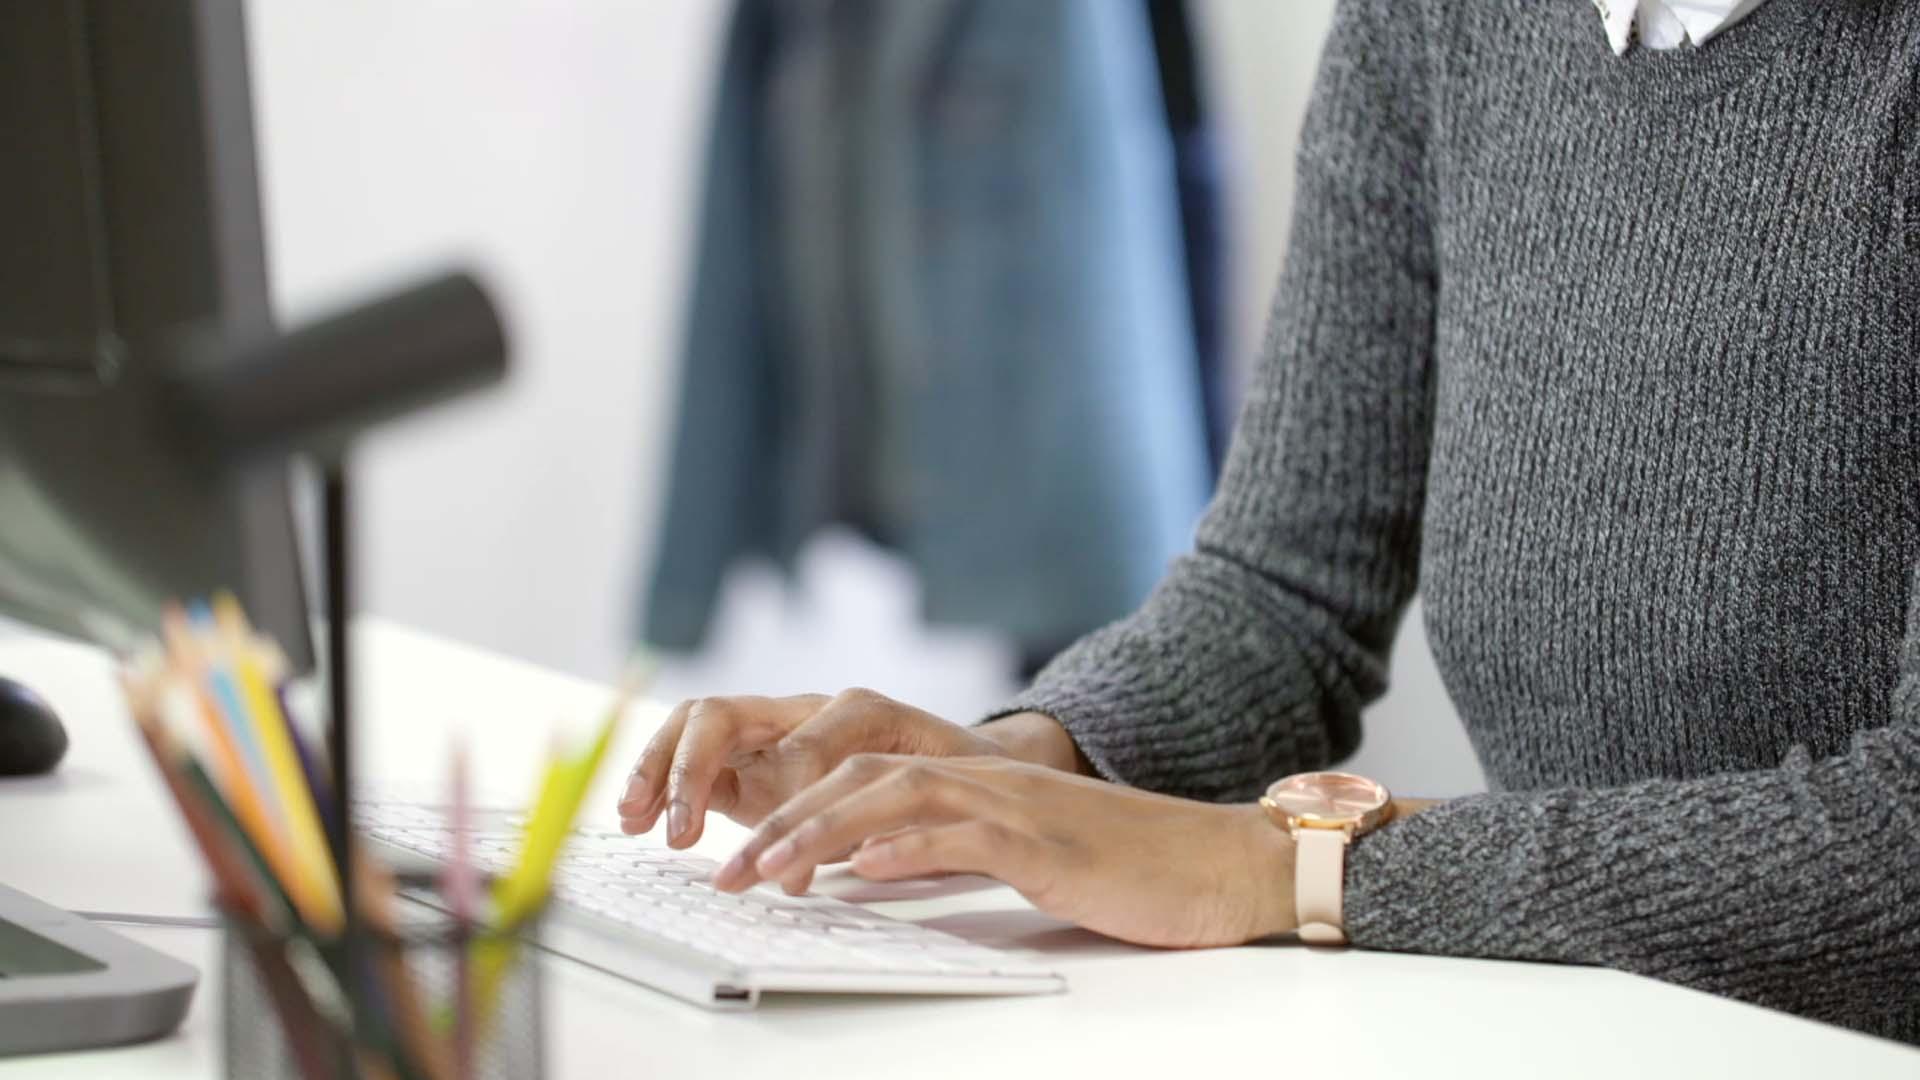 Услуги по бухгалтерскому сопровождению компании подать онлайн заявку на регистрацию ип